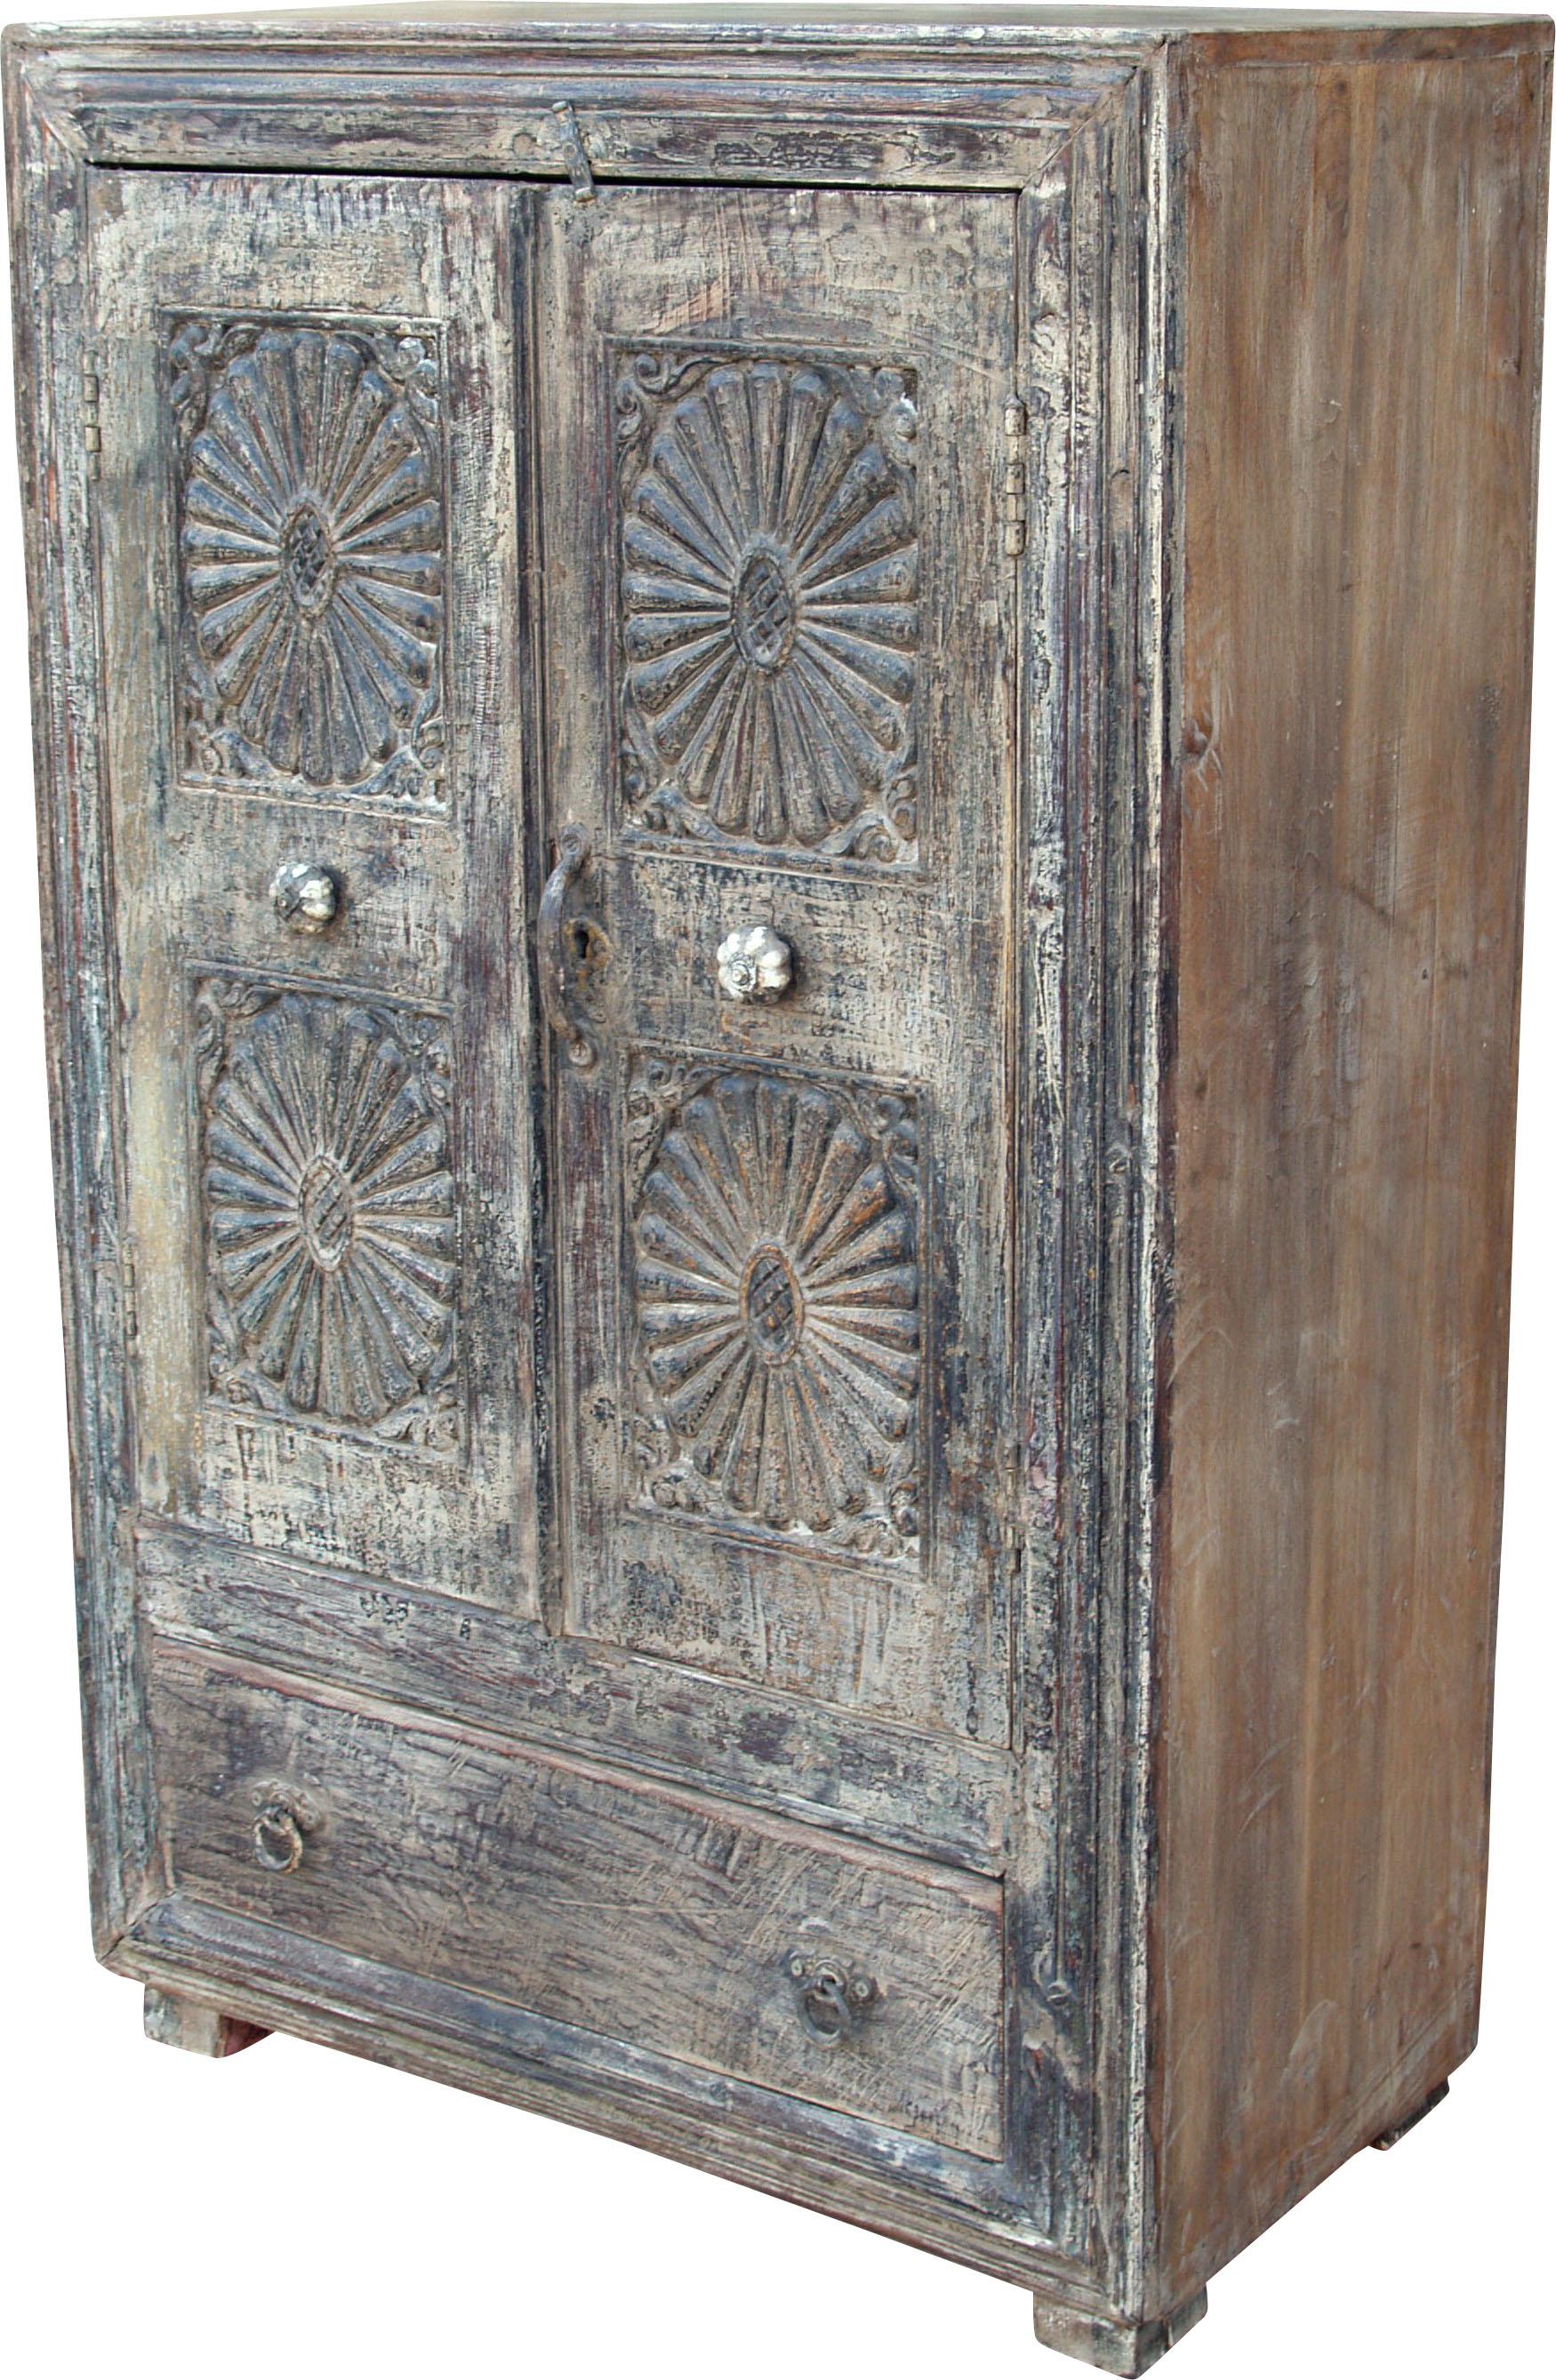 indien antik massiver schrank mit verzierungen jh1 38. Black Bedroom Furniture Sets. Home Design Ideas